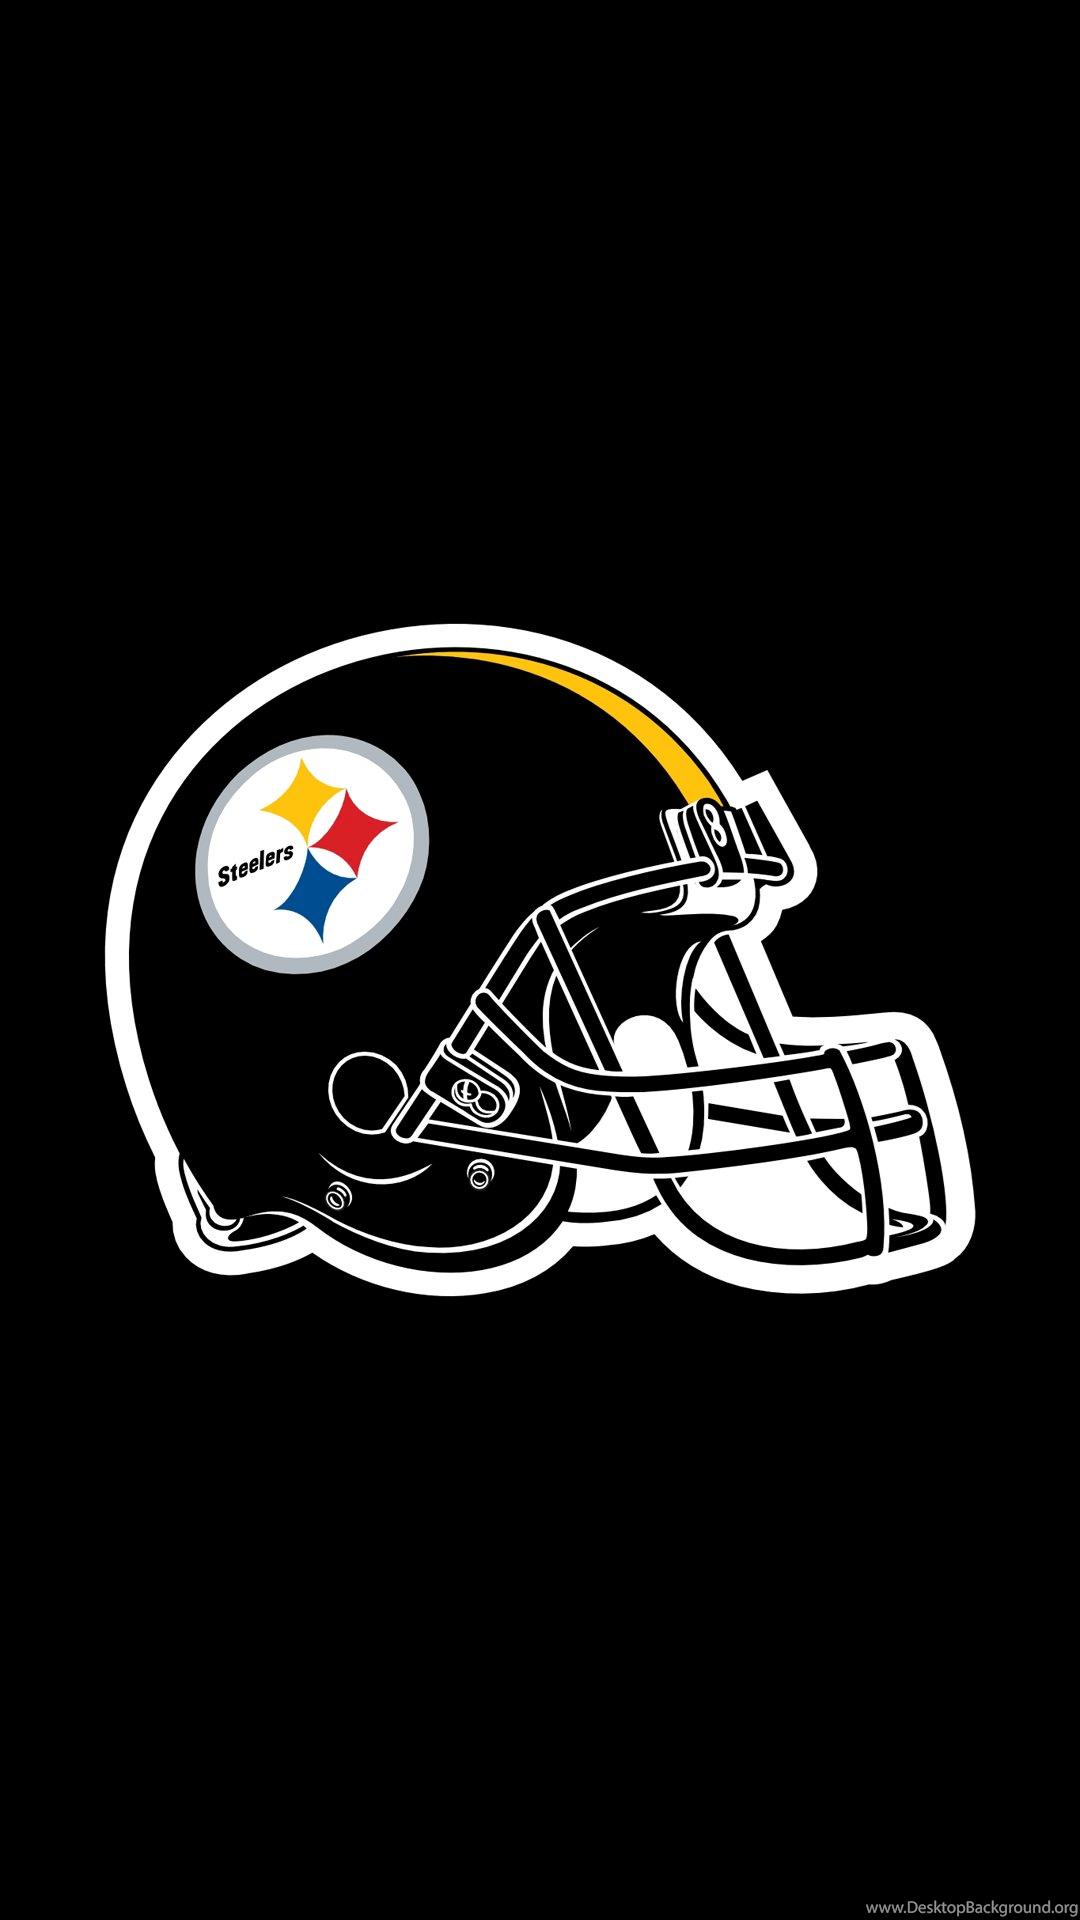 Steelers Phone Wallpapers - Top Free